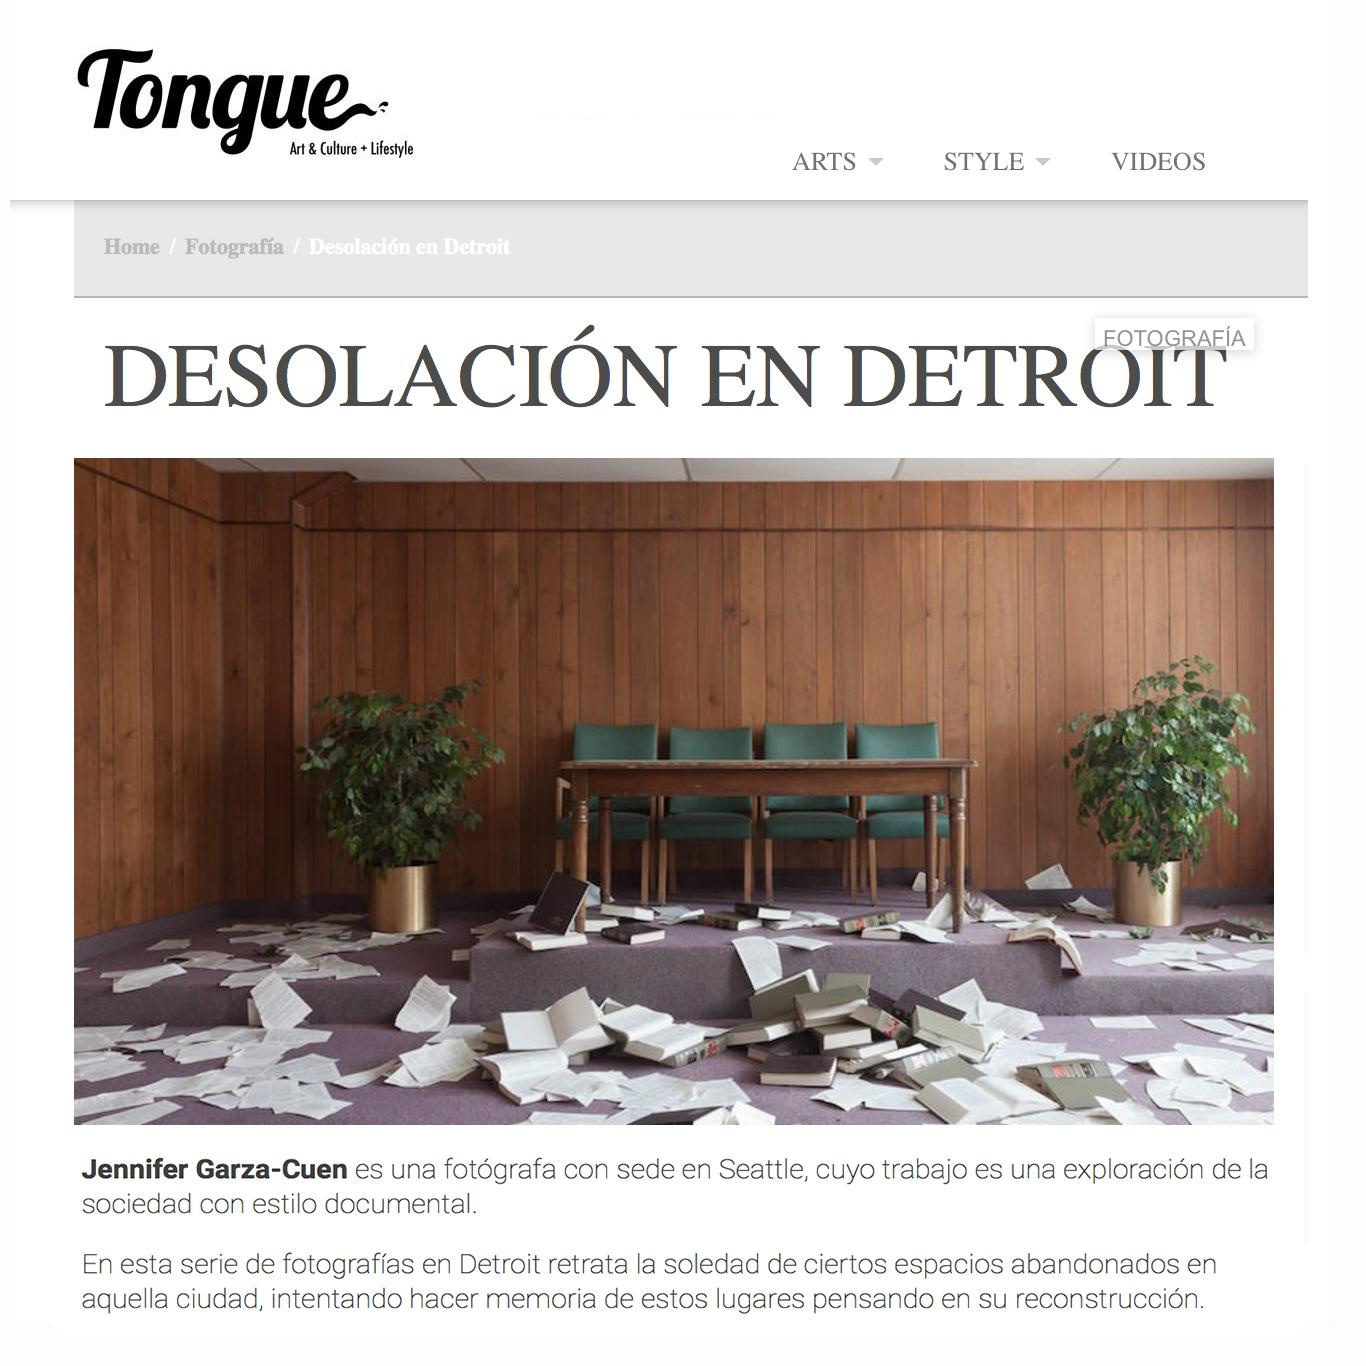 tongue-magazine_001.jpg